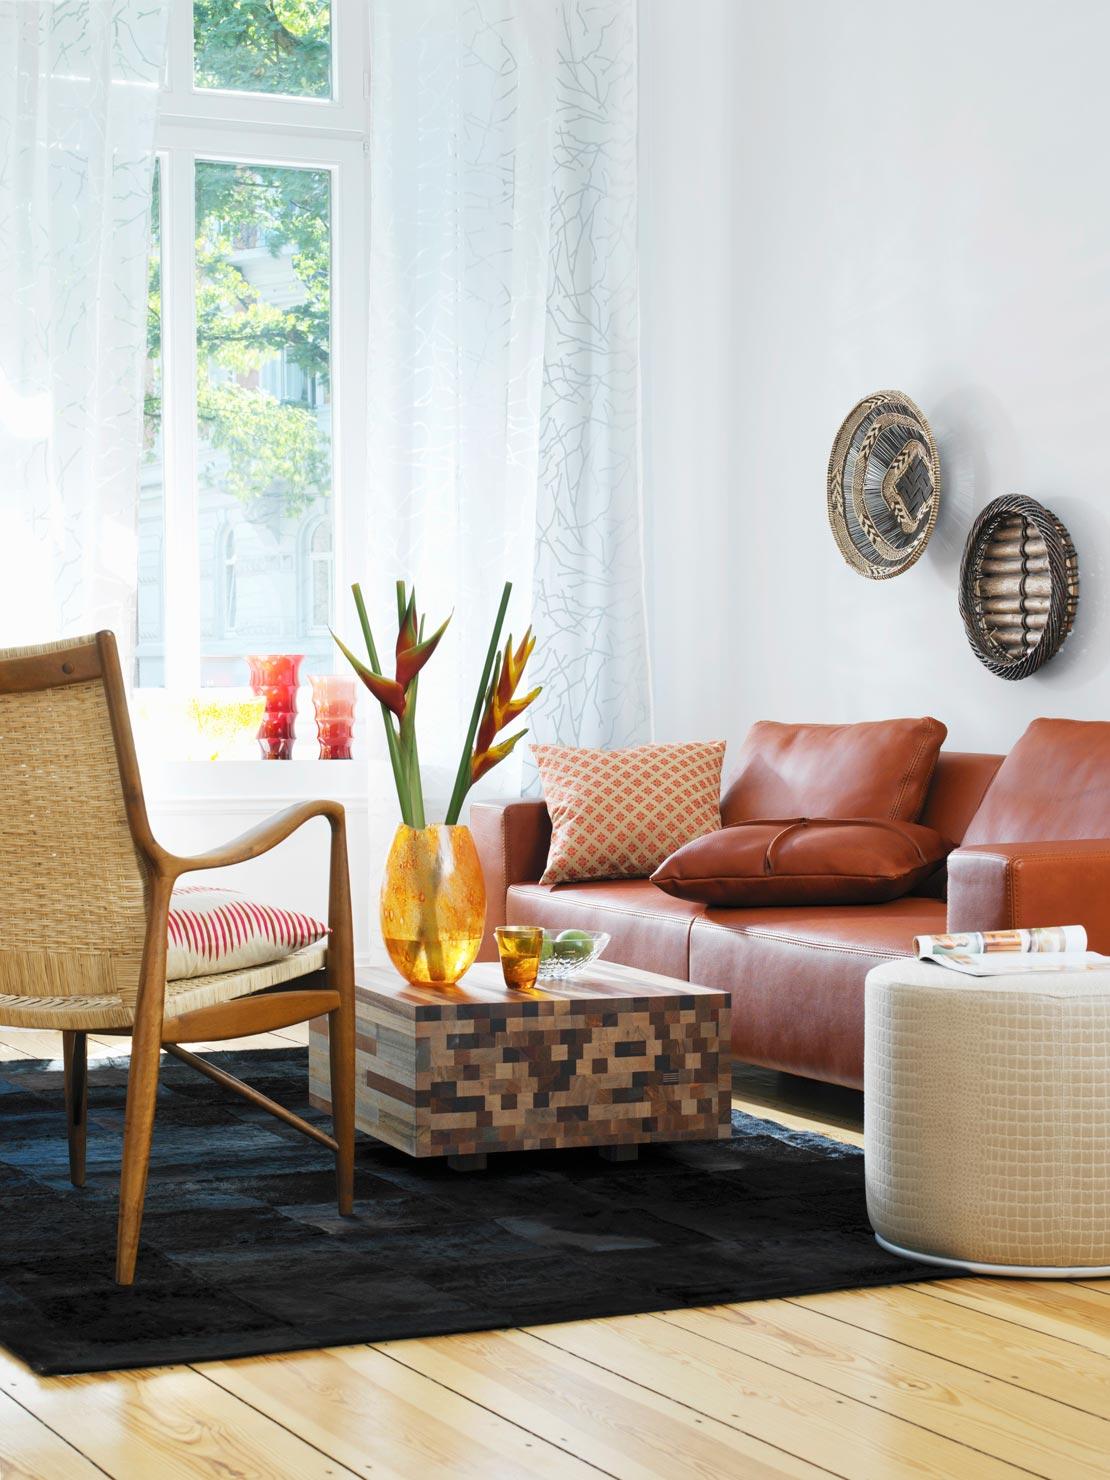 westwing-luxus-karibik-wohnzimmer-mit-ledercouch